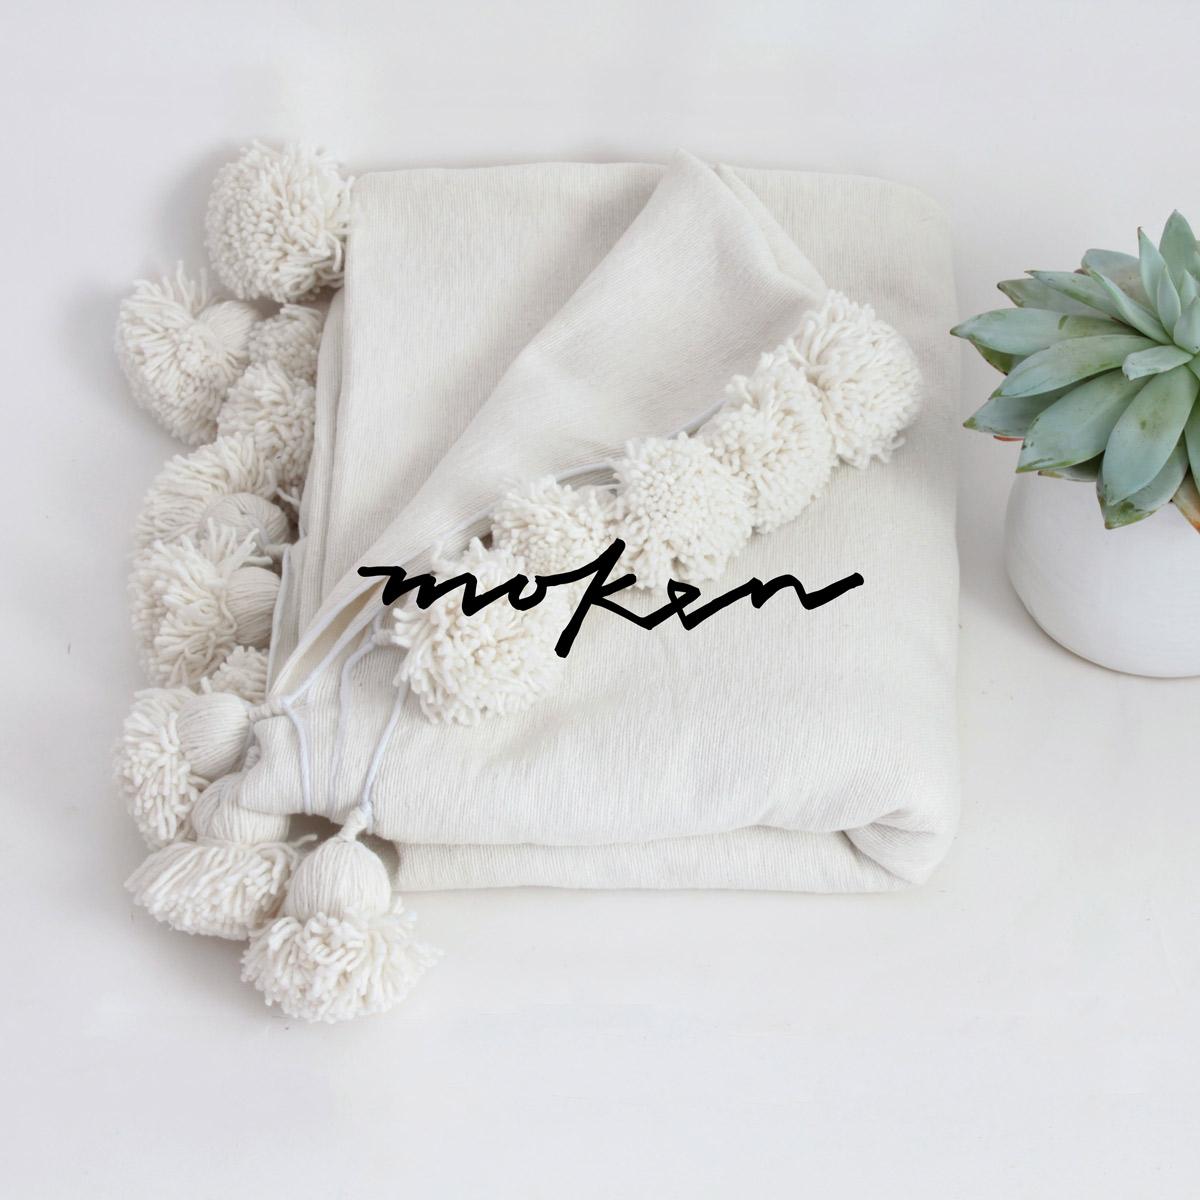 Moken - Pom Pom Blanket - Laura Ramsay Design - Branding and Packaging